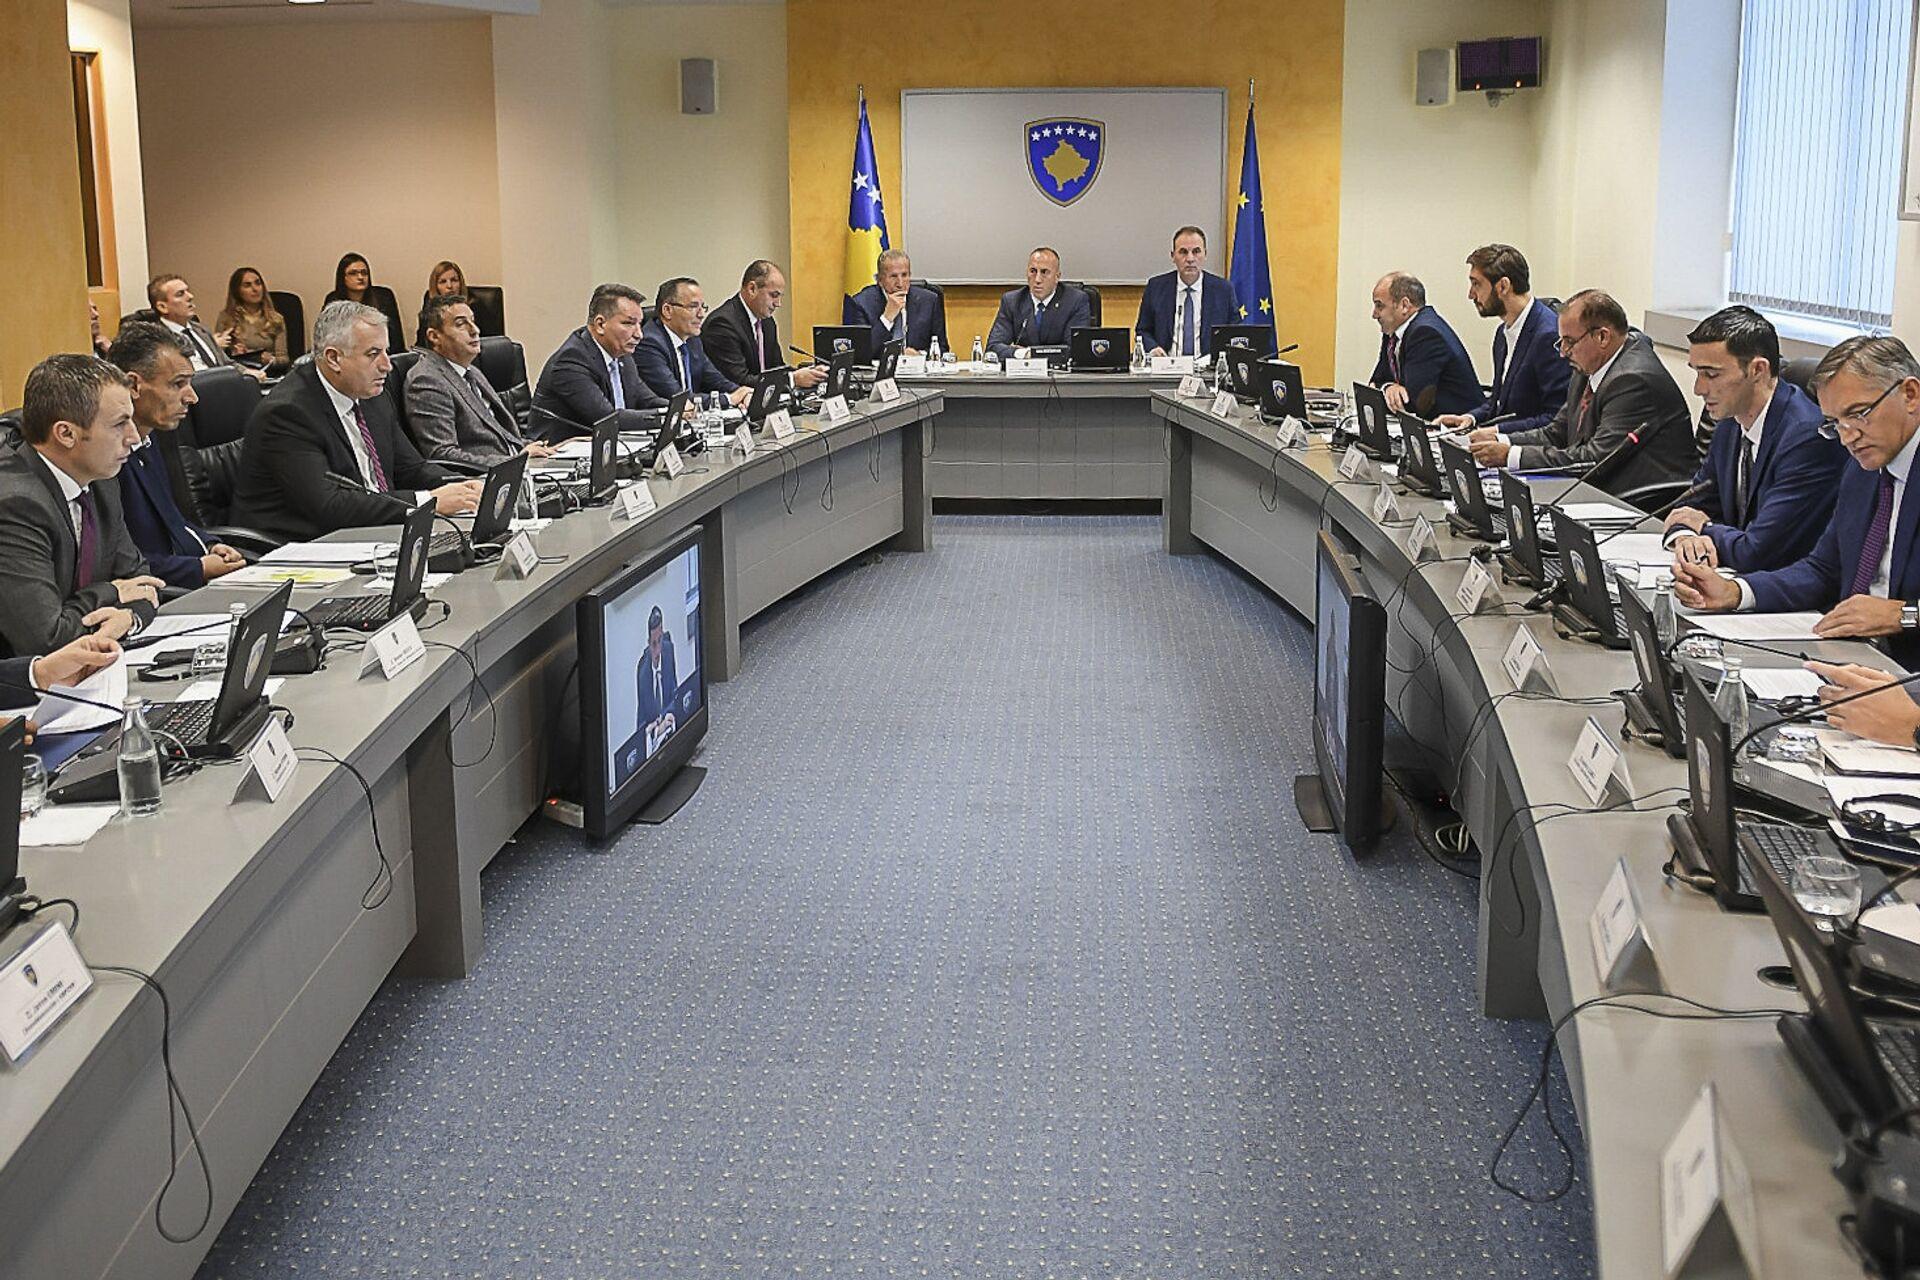 Међународни институт: Србија постала епицентар региона - Sputnik Србија, 1920, 02.02.2021